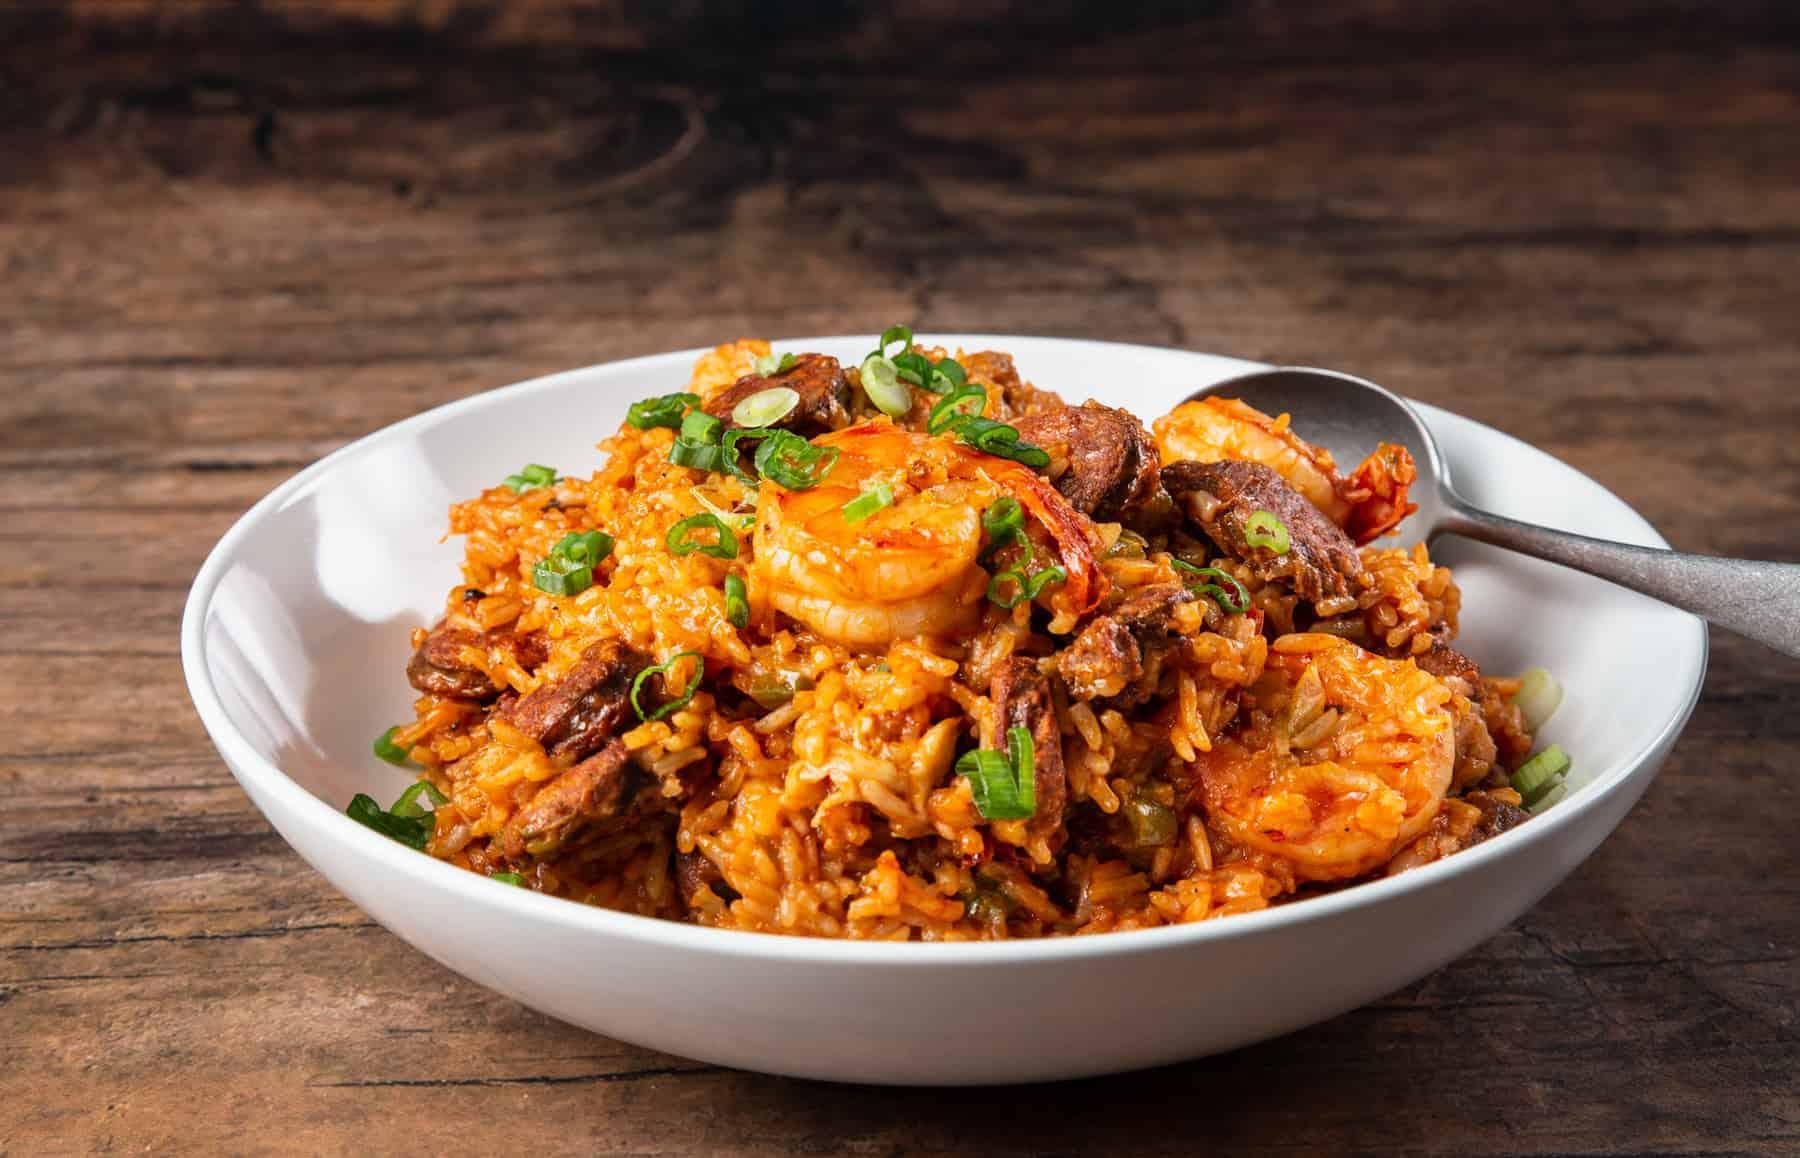 instant pot jambalaya | jambalaya instant pot | pressure cooker jambalaya | sausage jambalaya | chicken jambalaya | shrimp jambalaya #AmyJacky #InstantPot #PressureCooker #recipe #chicken #sausage #shrimp #cajun #creole